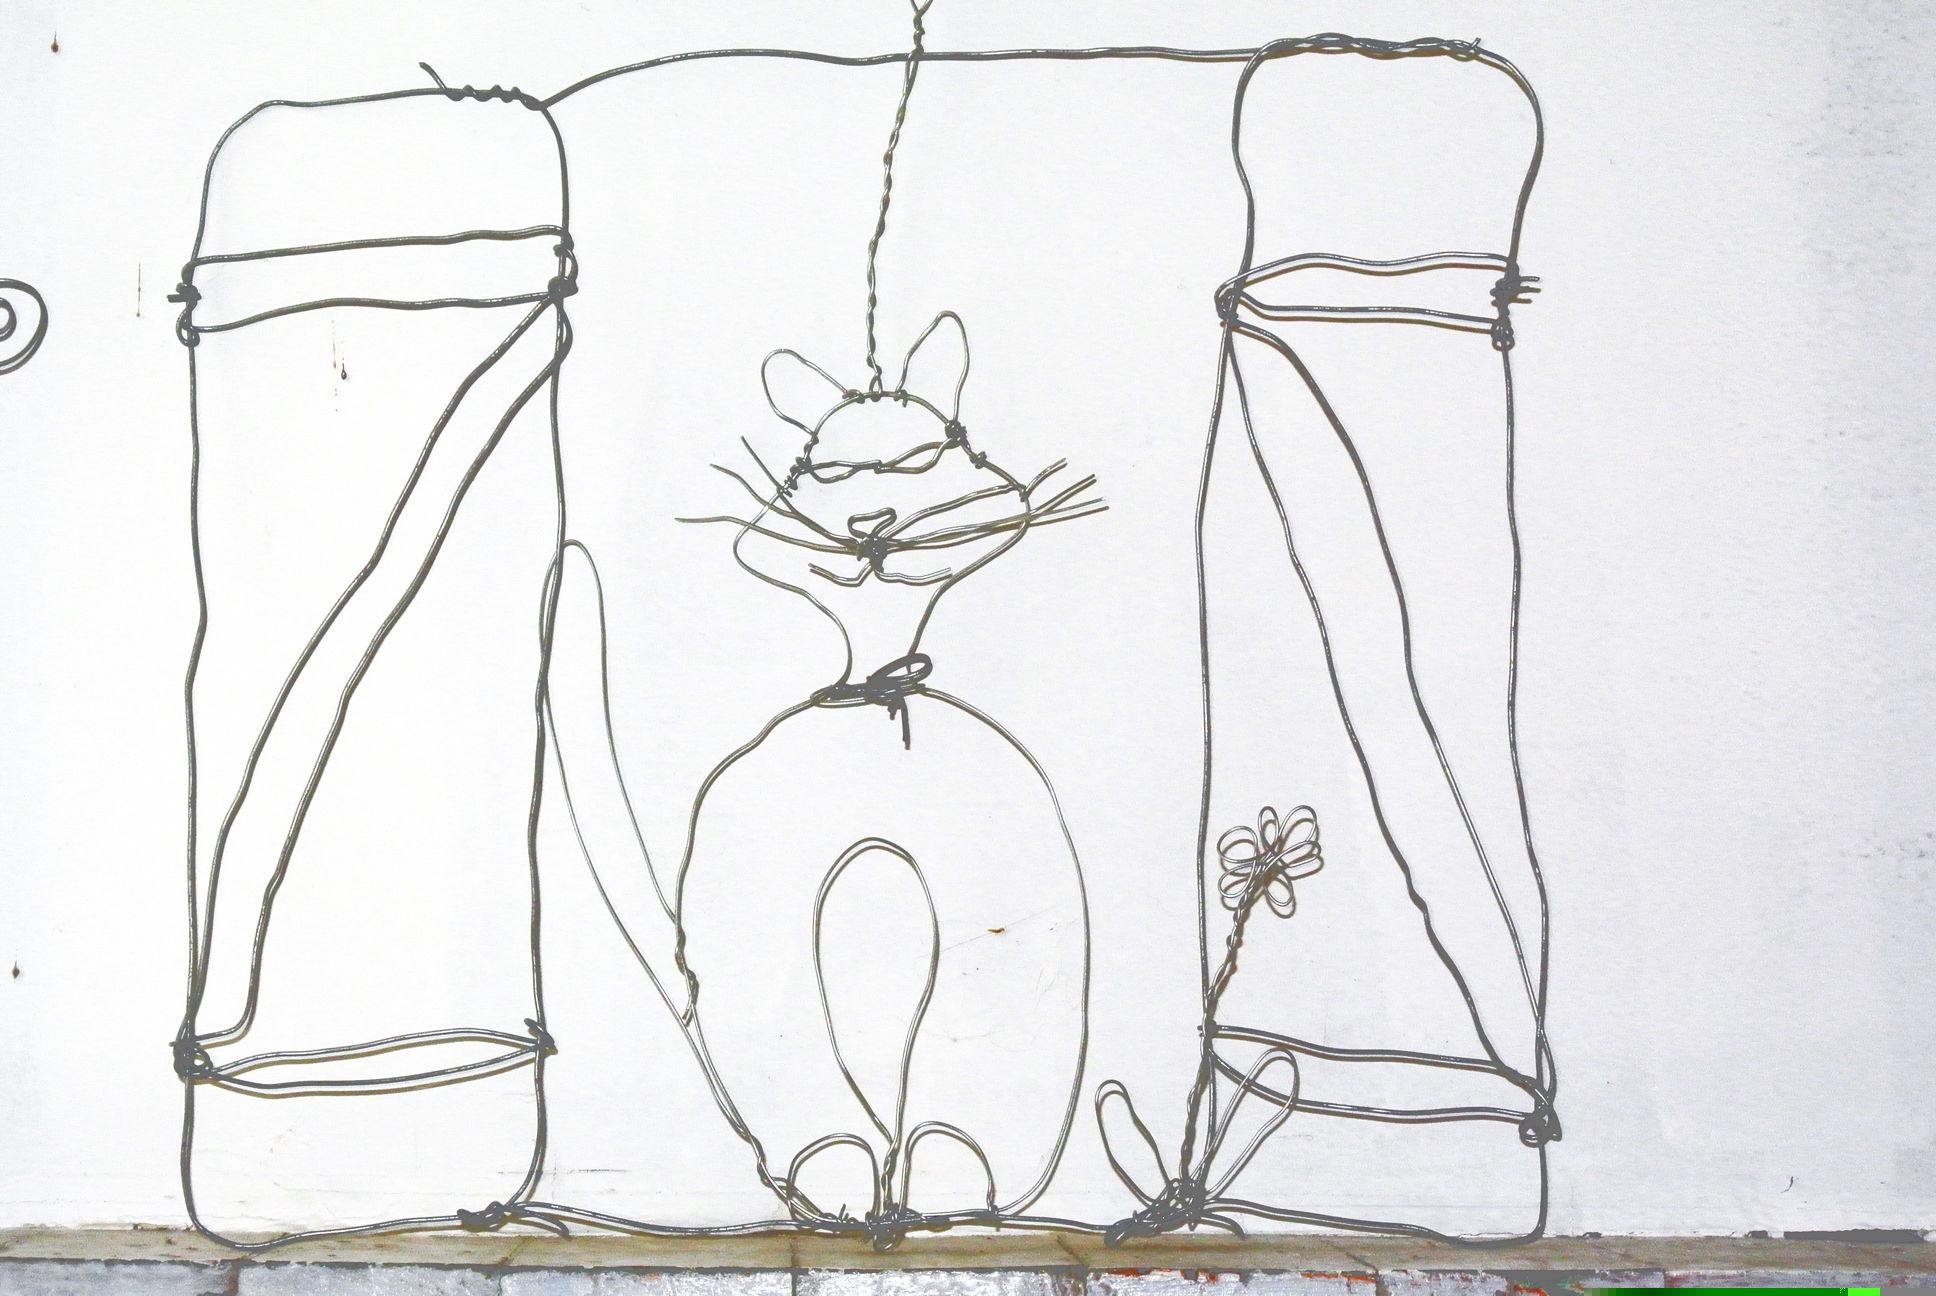 Un chat à la fenêtre - fil de fer